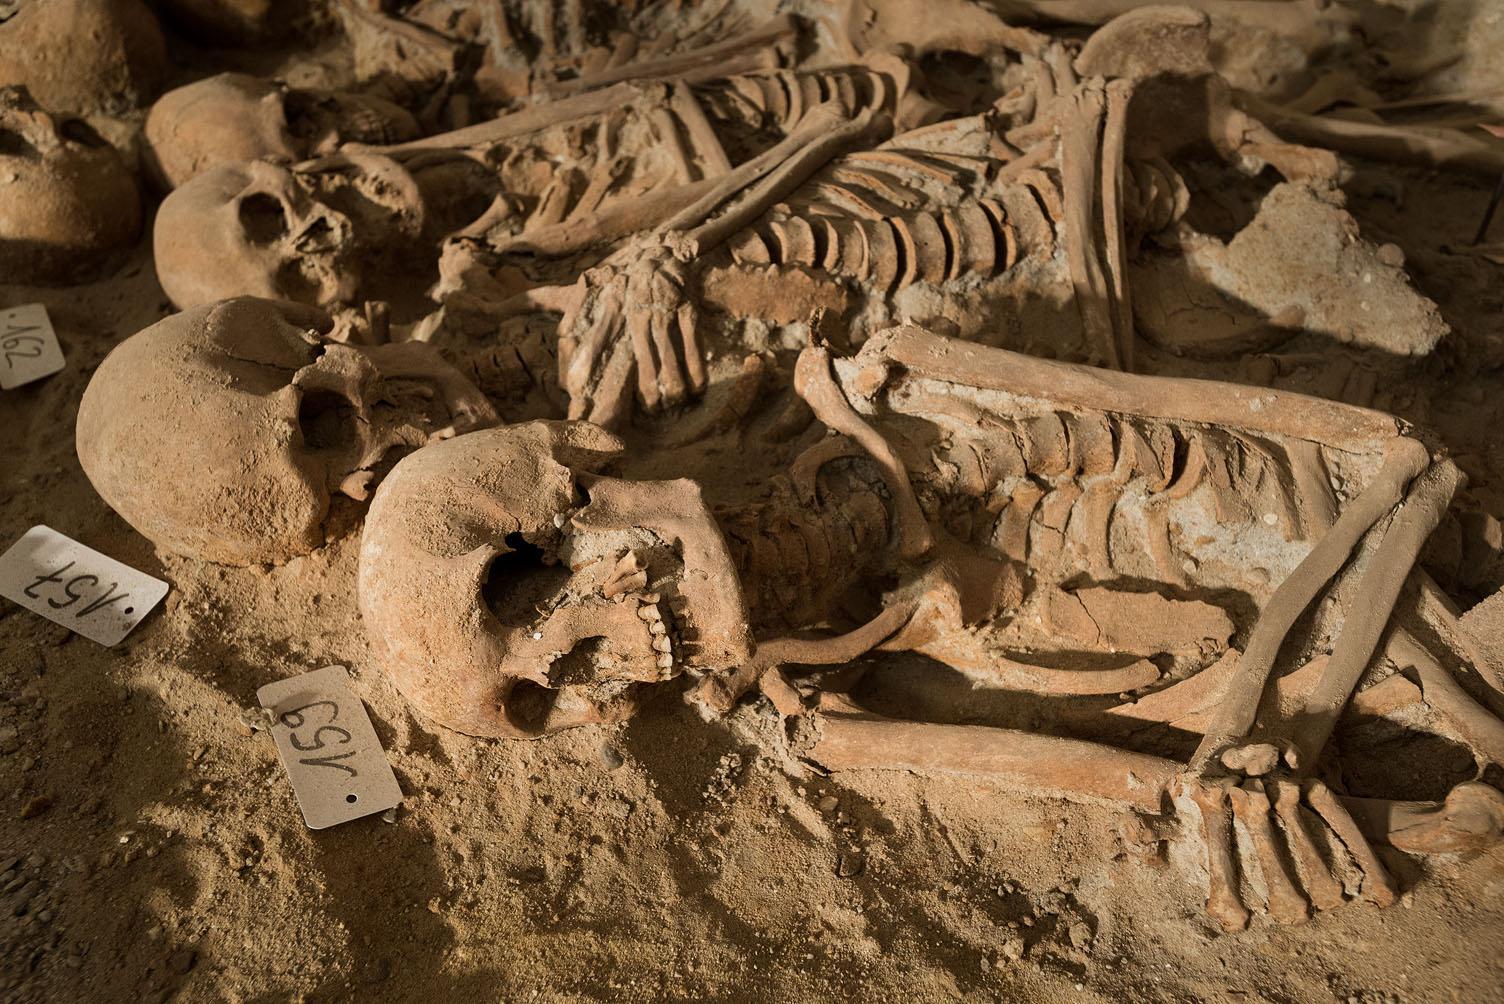 Alignement de corps dans une fosse commune (INRAP)